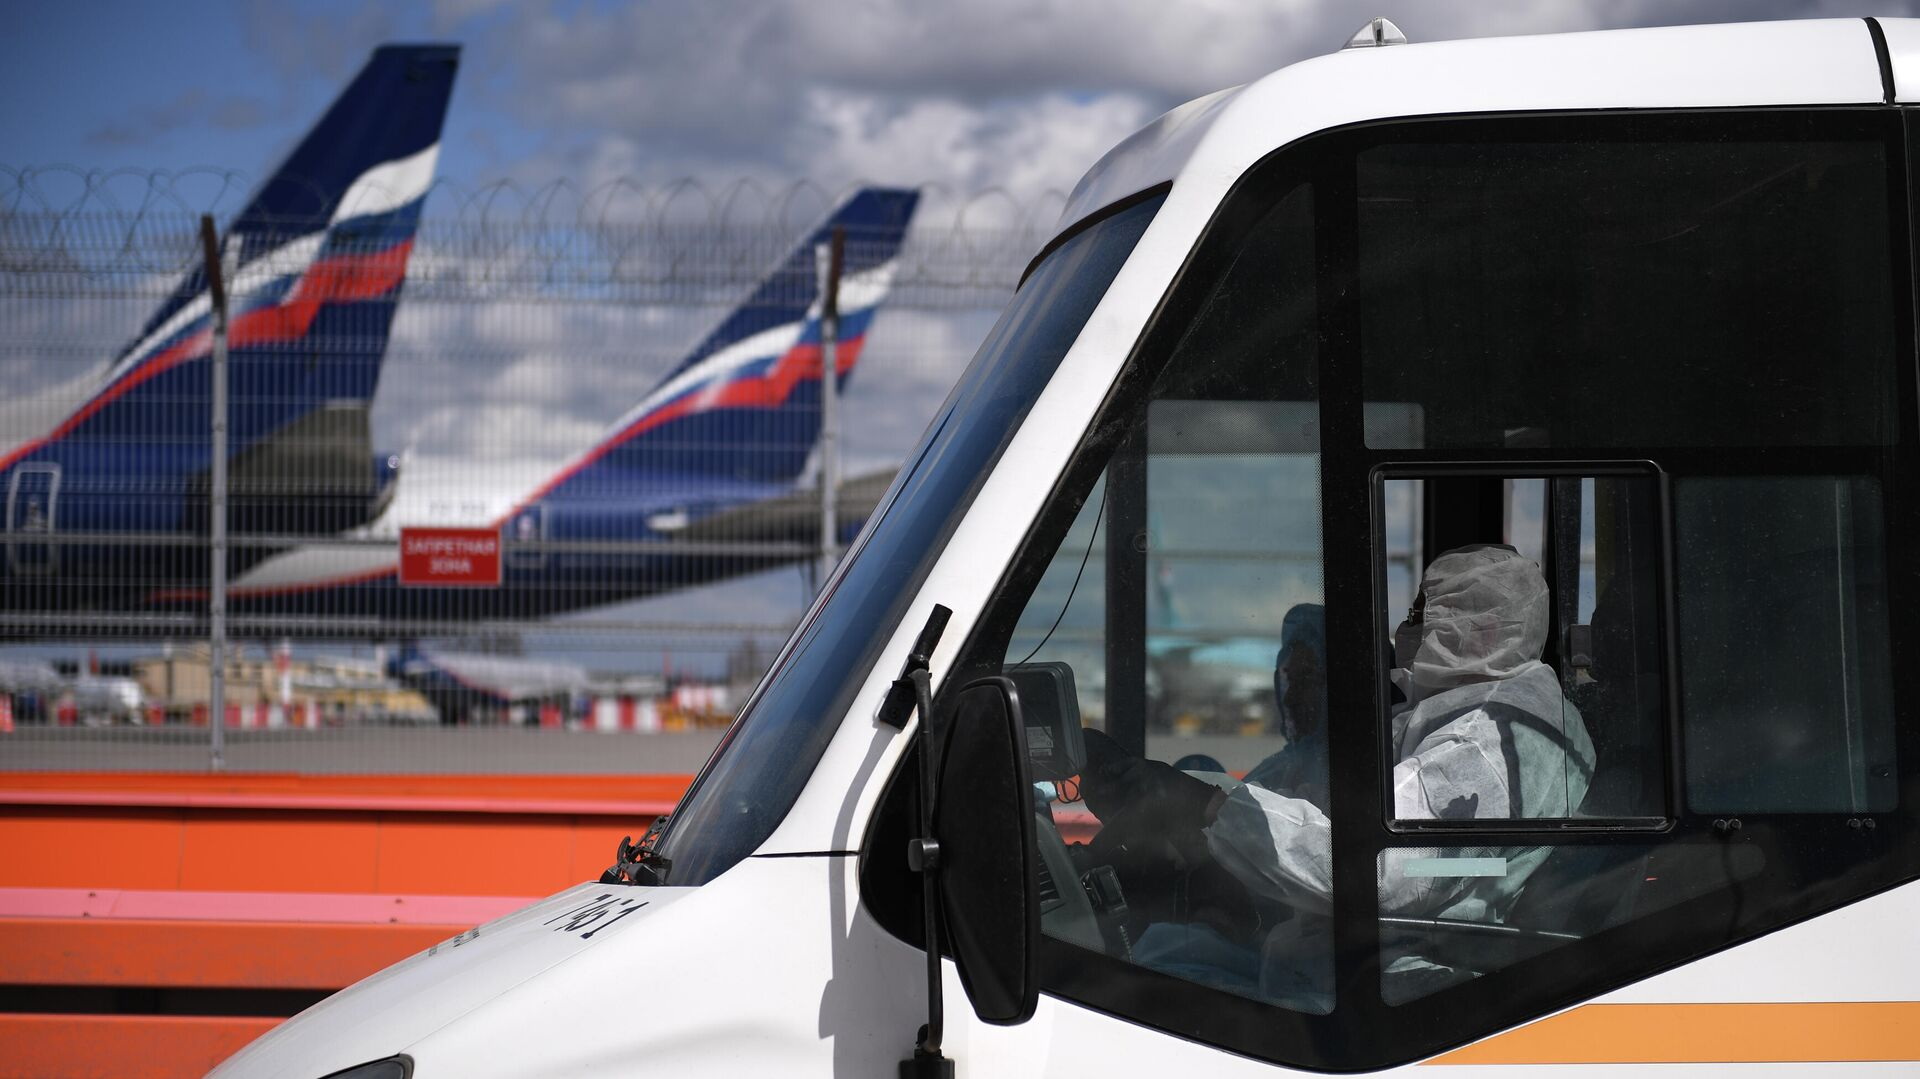 Водитель автобуса с пассажирами, прибывшими рейсом SU 103 компании Аэрофлот из Нью-Йорка, в Международном аэропорту Шереметьево - РИА Новости, 1920, 21.09.2020